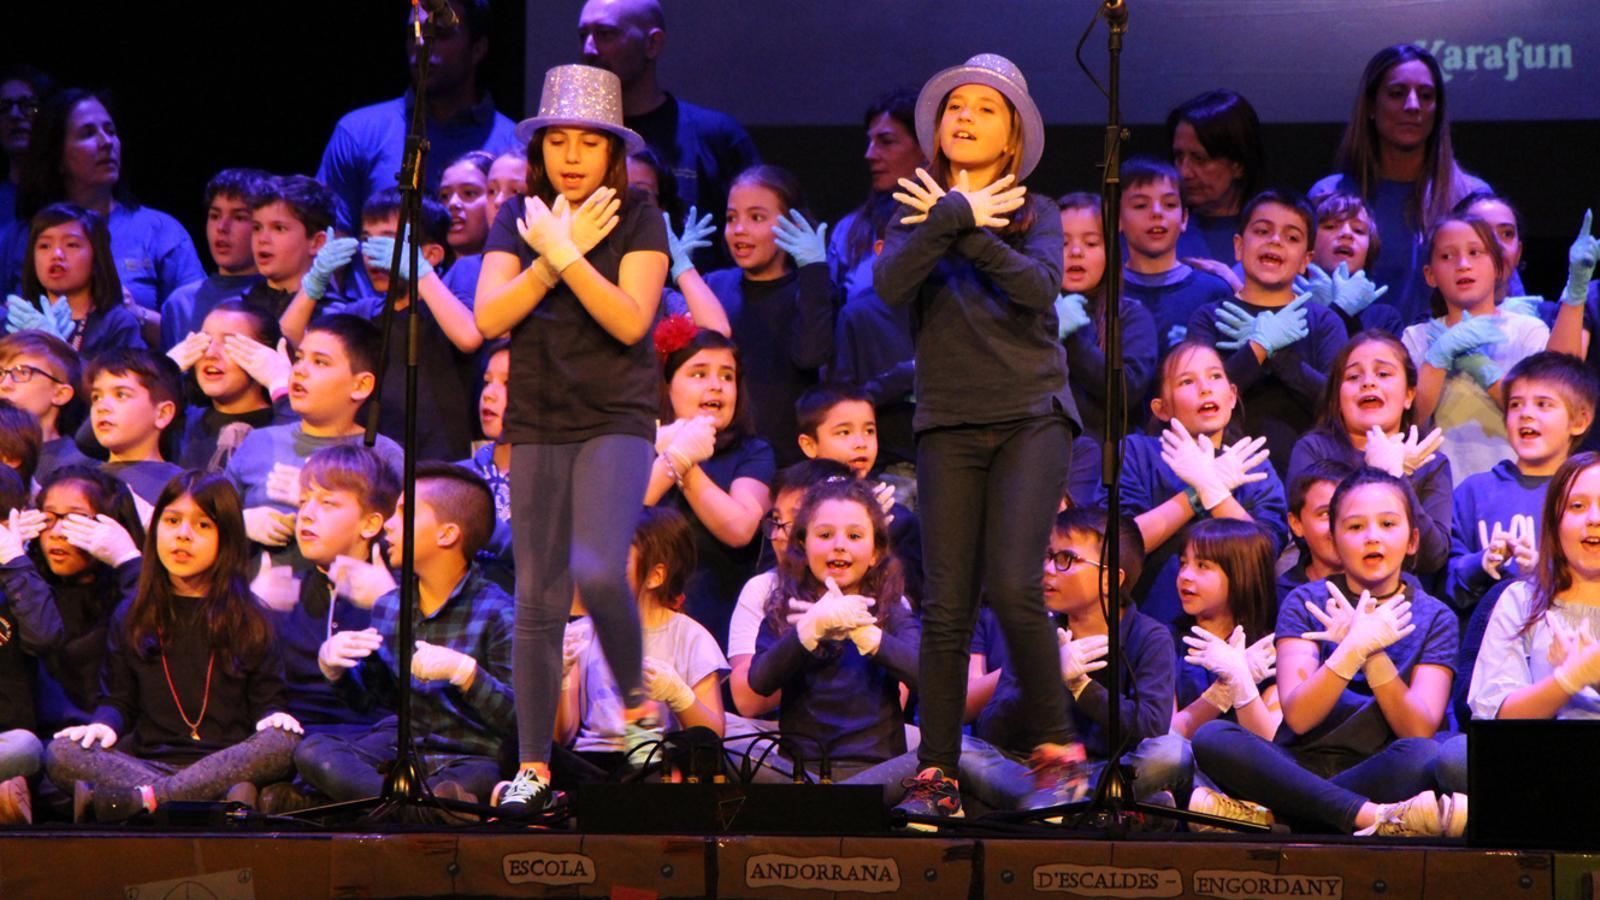 Un moment de la cançó dels nens i nenes de l'Escola Andorrana d'Escaldes-Engordany. / L. M. (ANA)